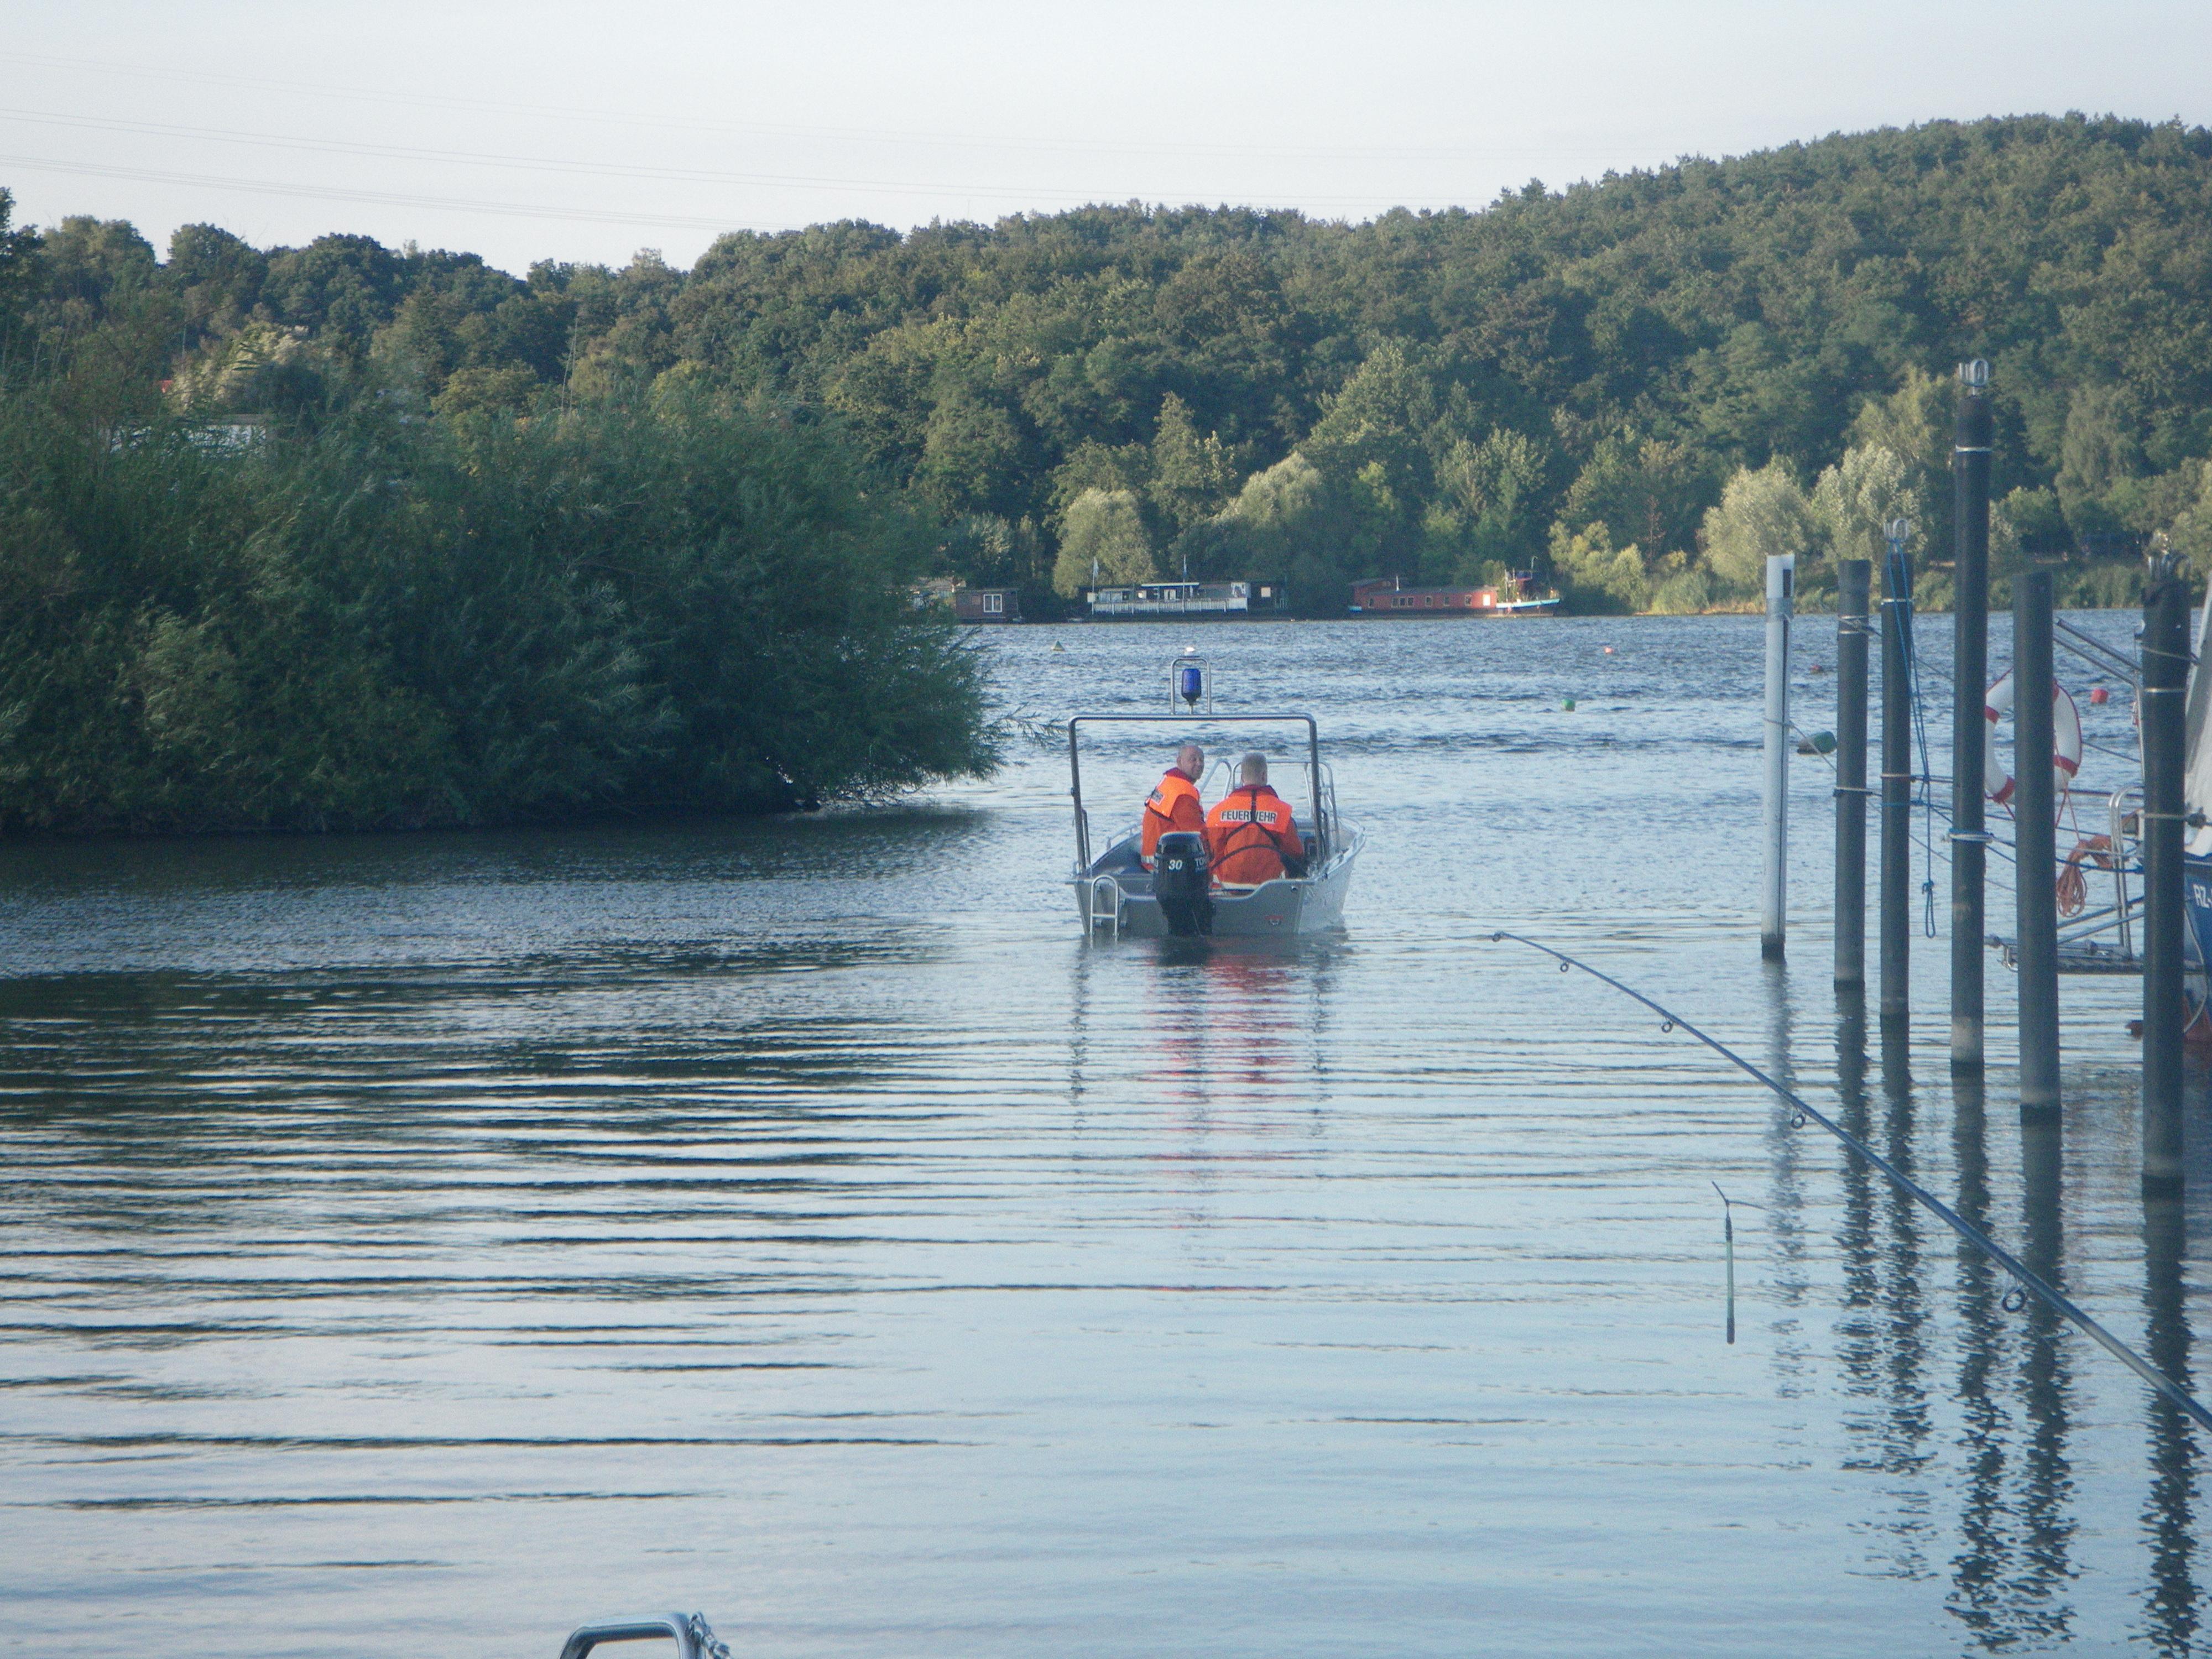 Feuerwehrboot auf dem Weg zu dem havarierten Bunkerboot